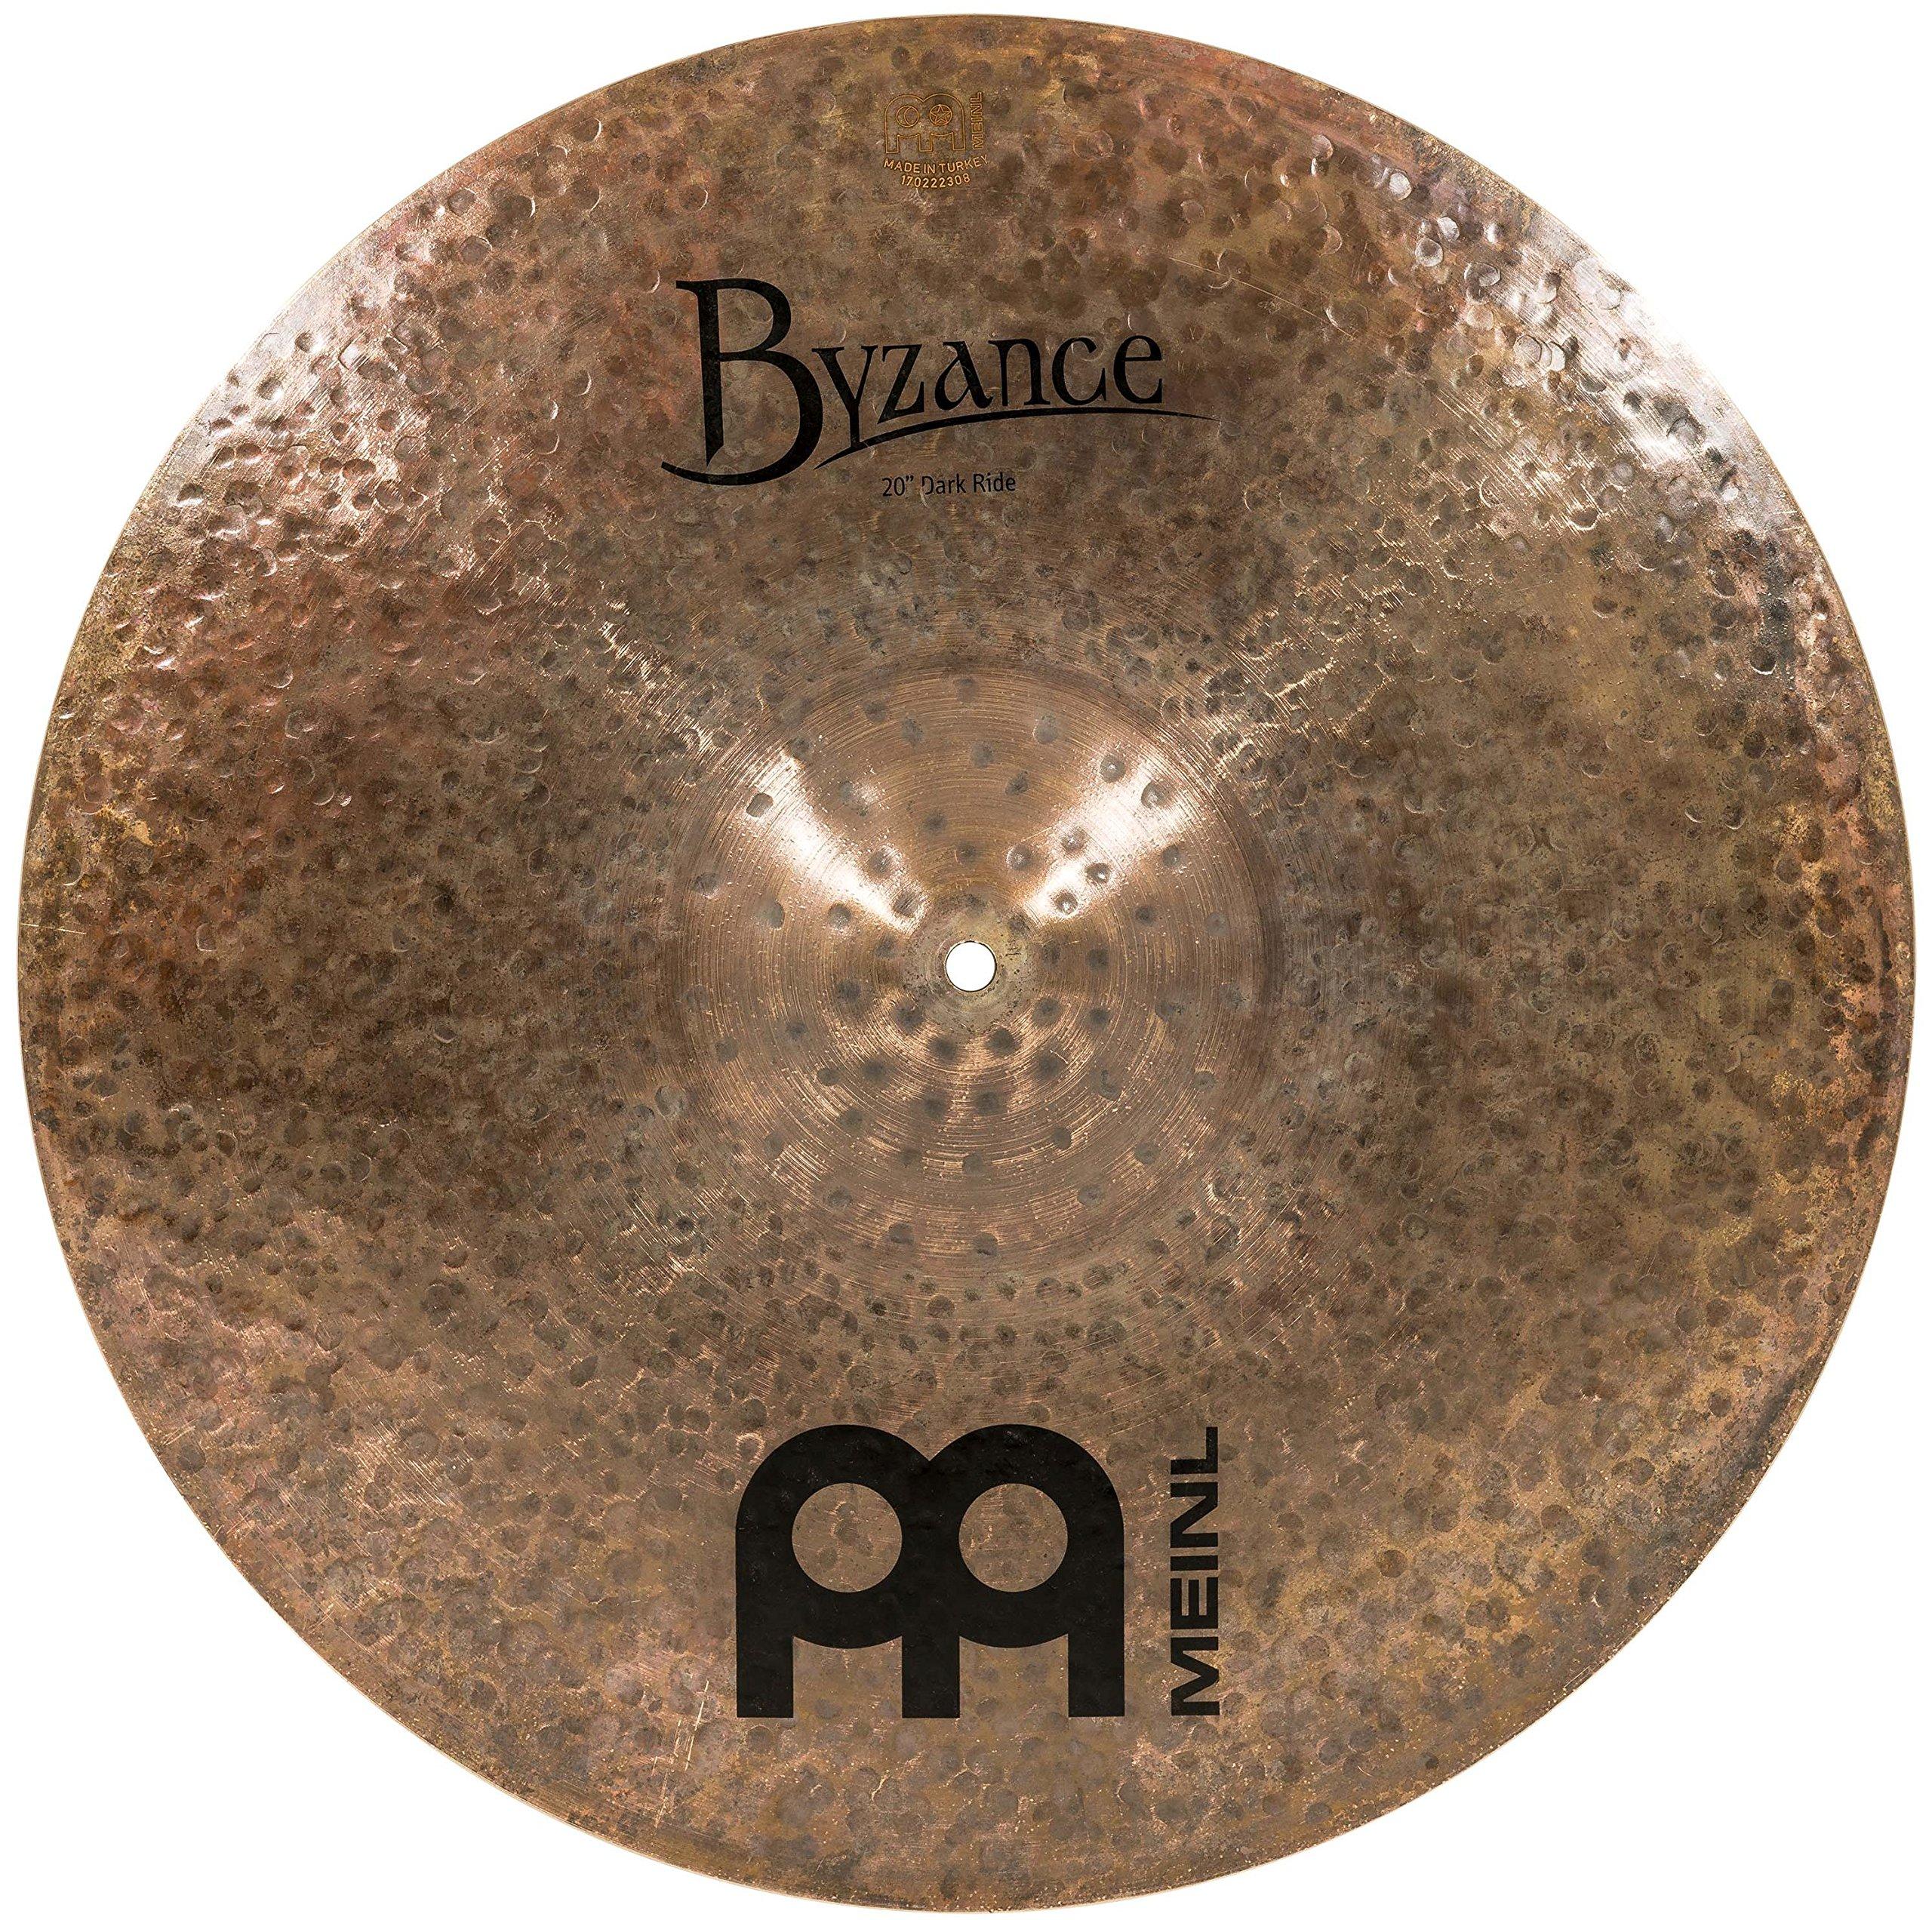 Meinl Cymbals B20DAR Byzance 20-Inch Dark Ride Cymbal (VIDEO)